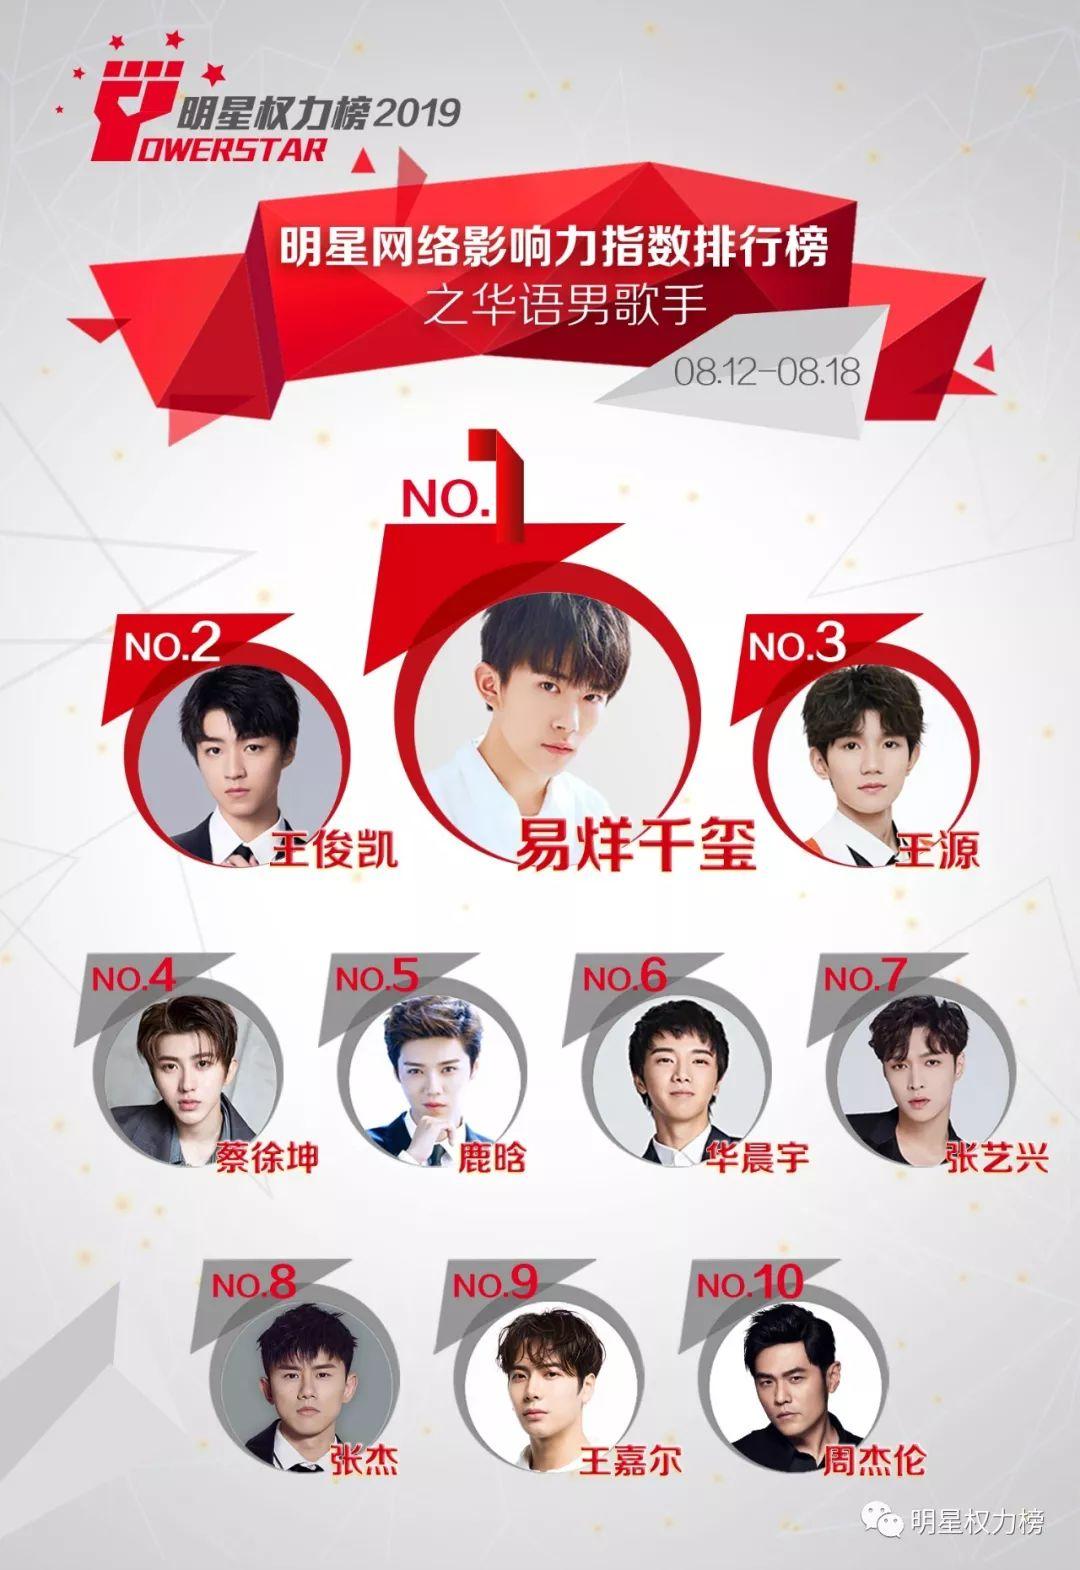 明星网络影响力指数排行榜第213期榜单之华语男歌手Top10